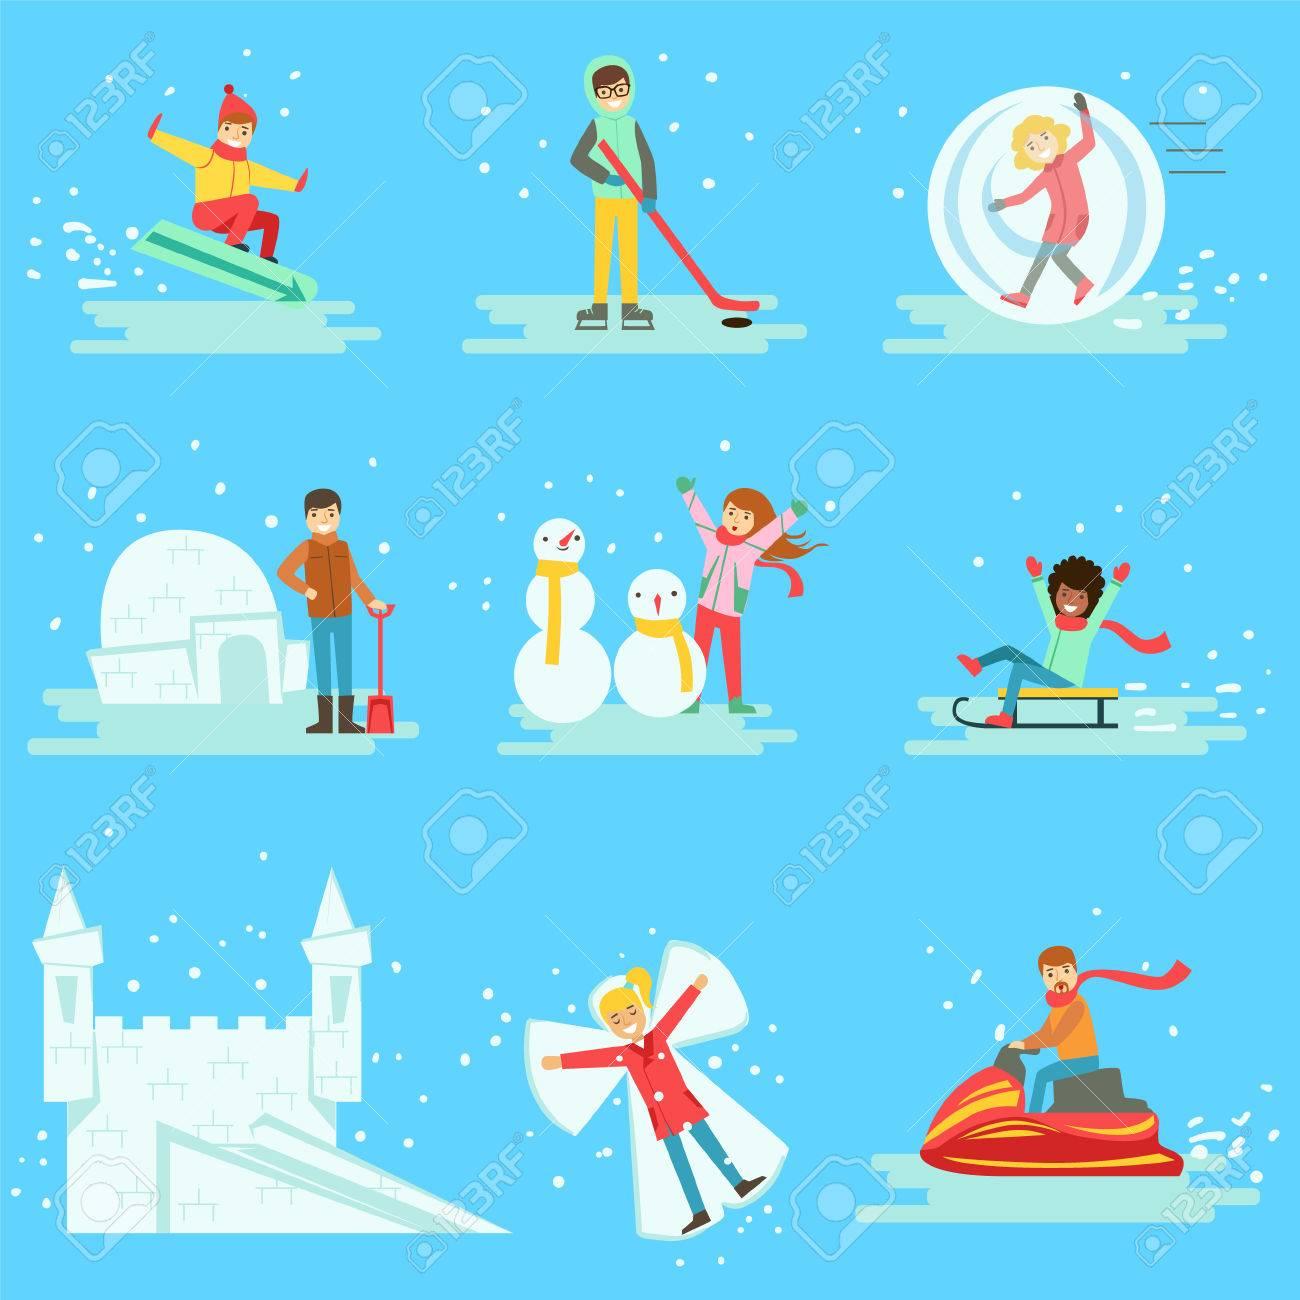 イラスト集冬の雪の中で楽しい時を過す人々青の背景に異なる冬季野外